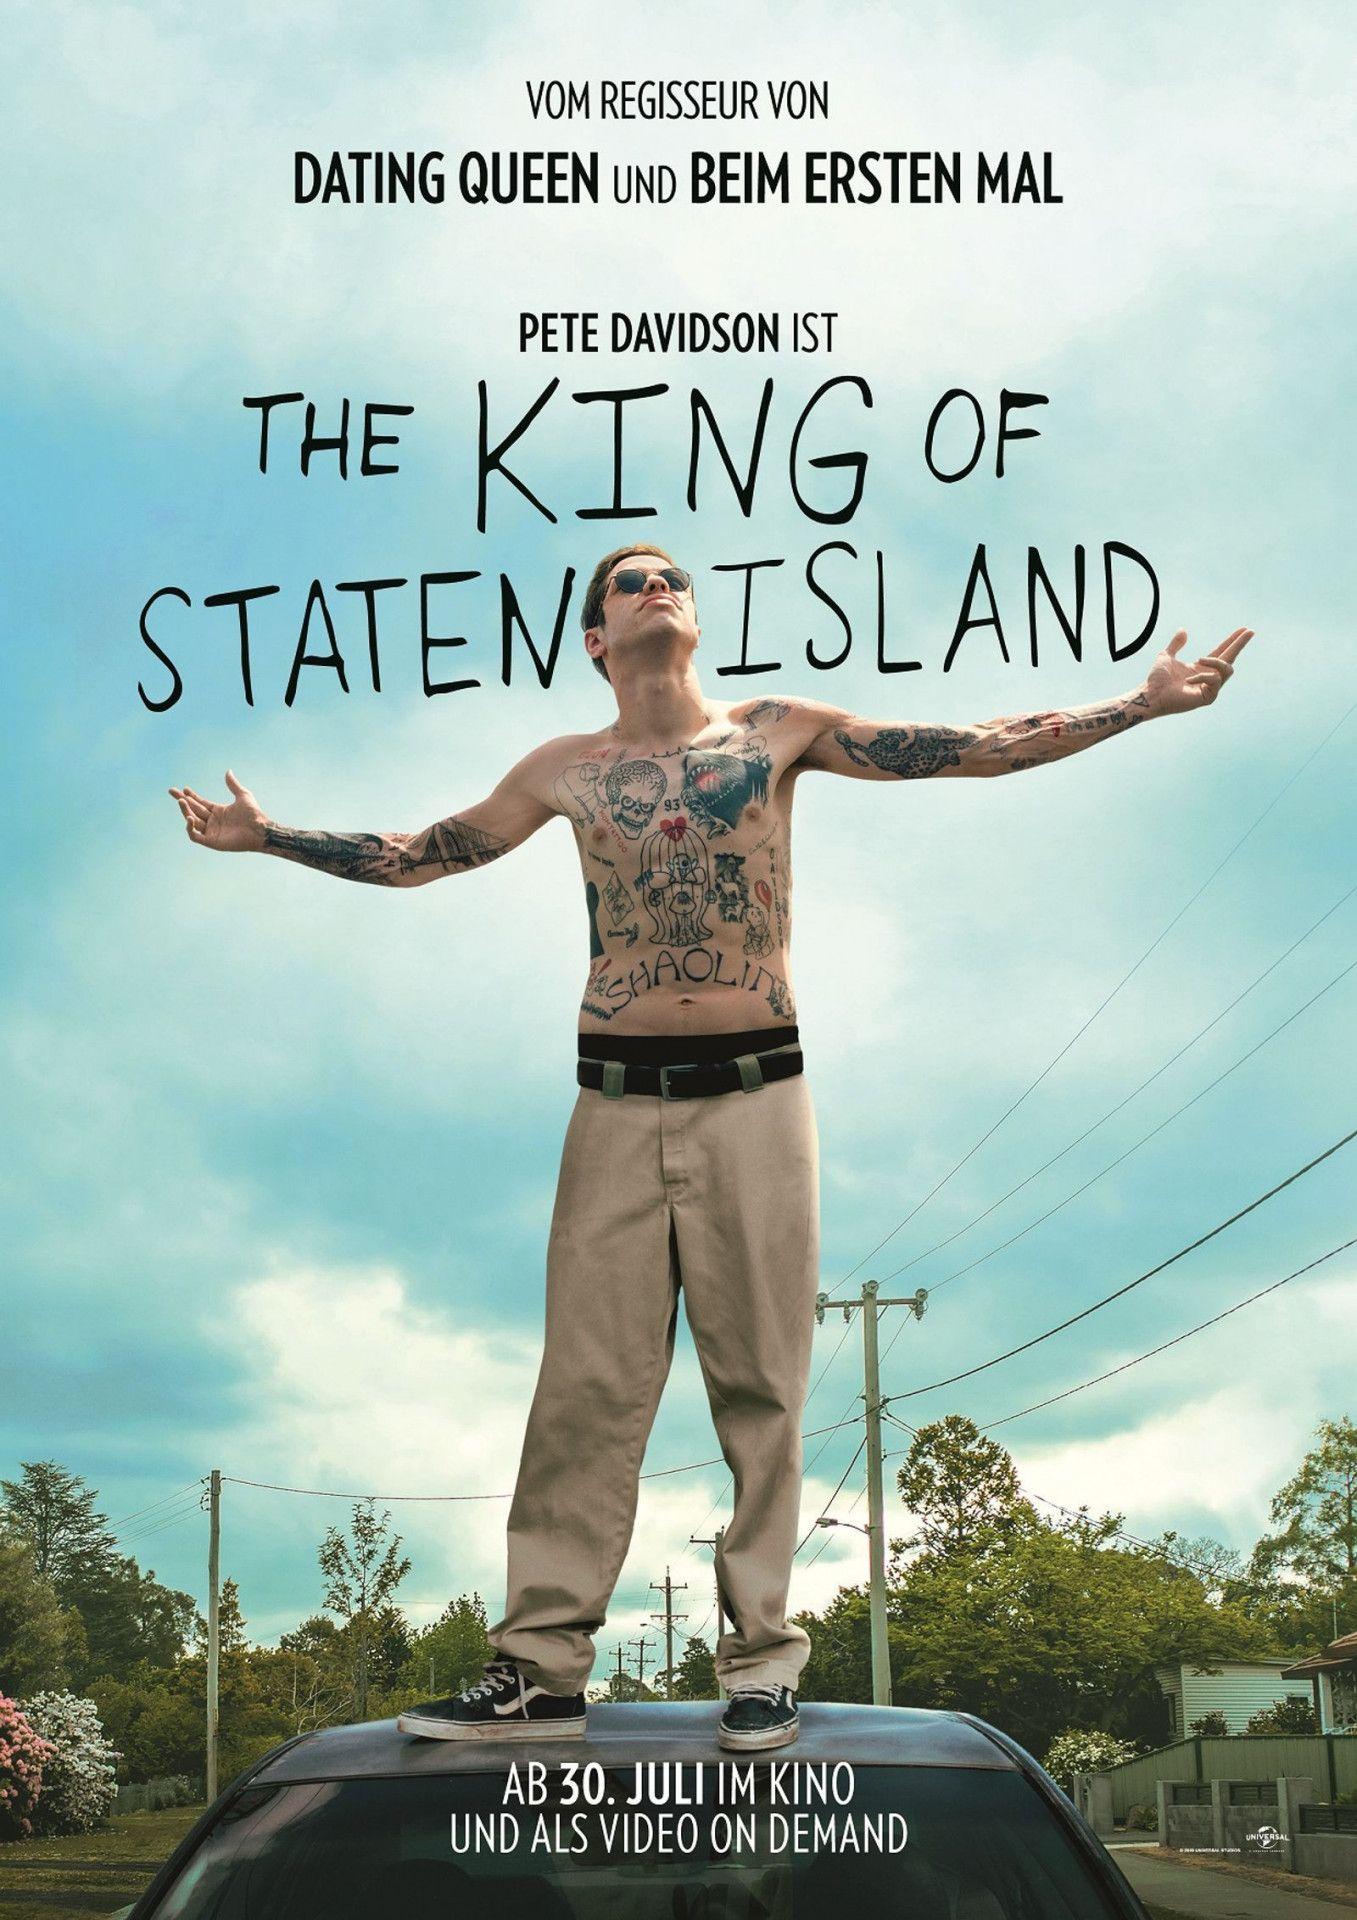 """In der Komödie """"The King of Staten Island"""" befasst sich der US-amerikanische Comedian Pete Davidson mit seiner eigenen Vergangenheit und der berühmten Frage: """"Was wäre wenn?"""""""